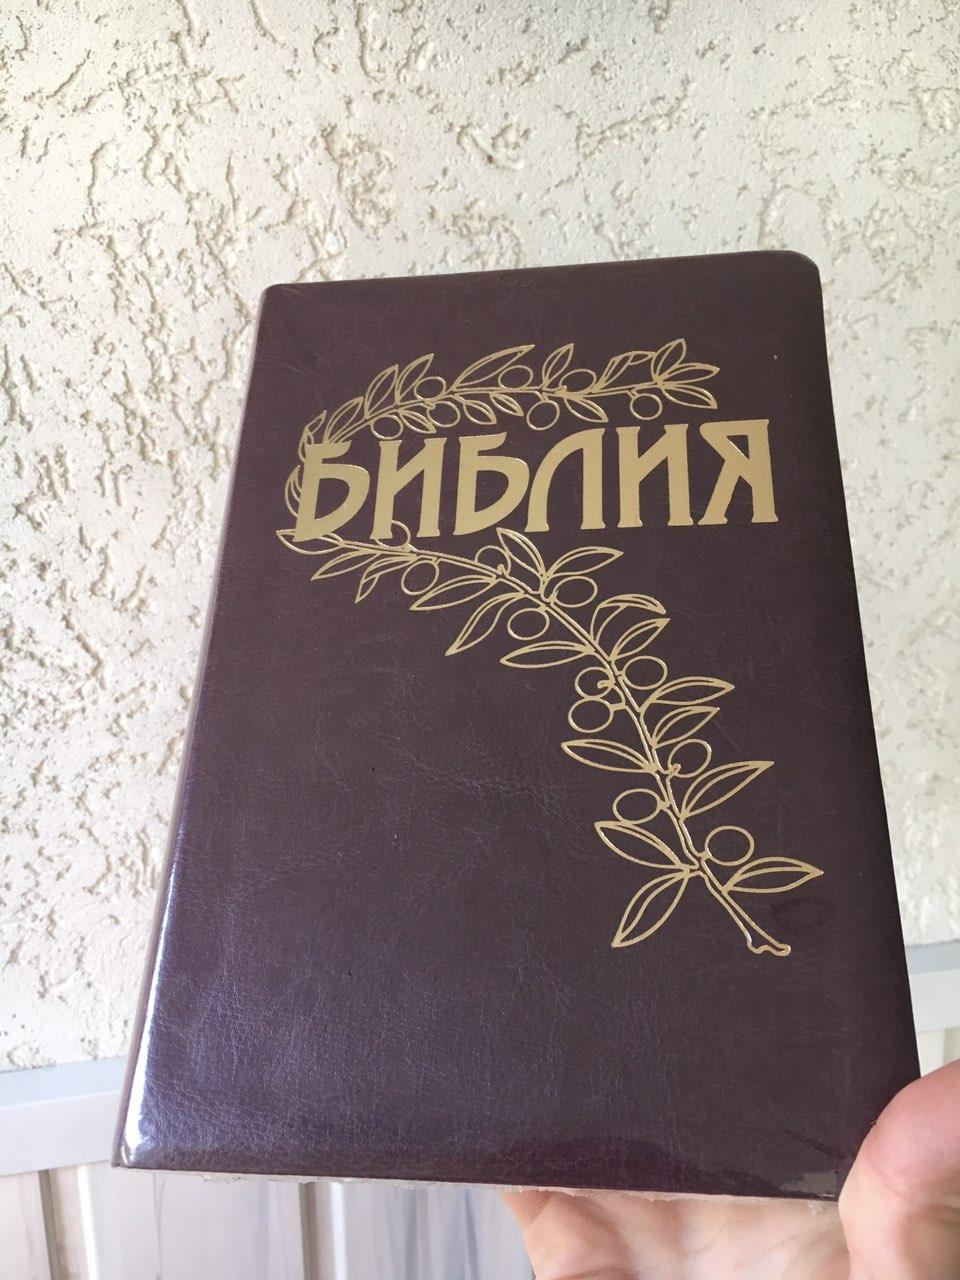 Библия коричневого цвета с веточкой, 14х22 см, с замочком, без индексов, золотой срез